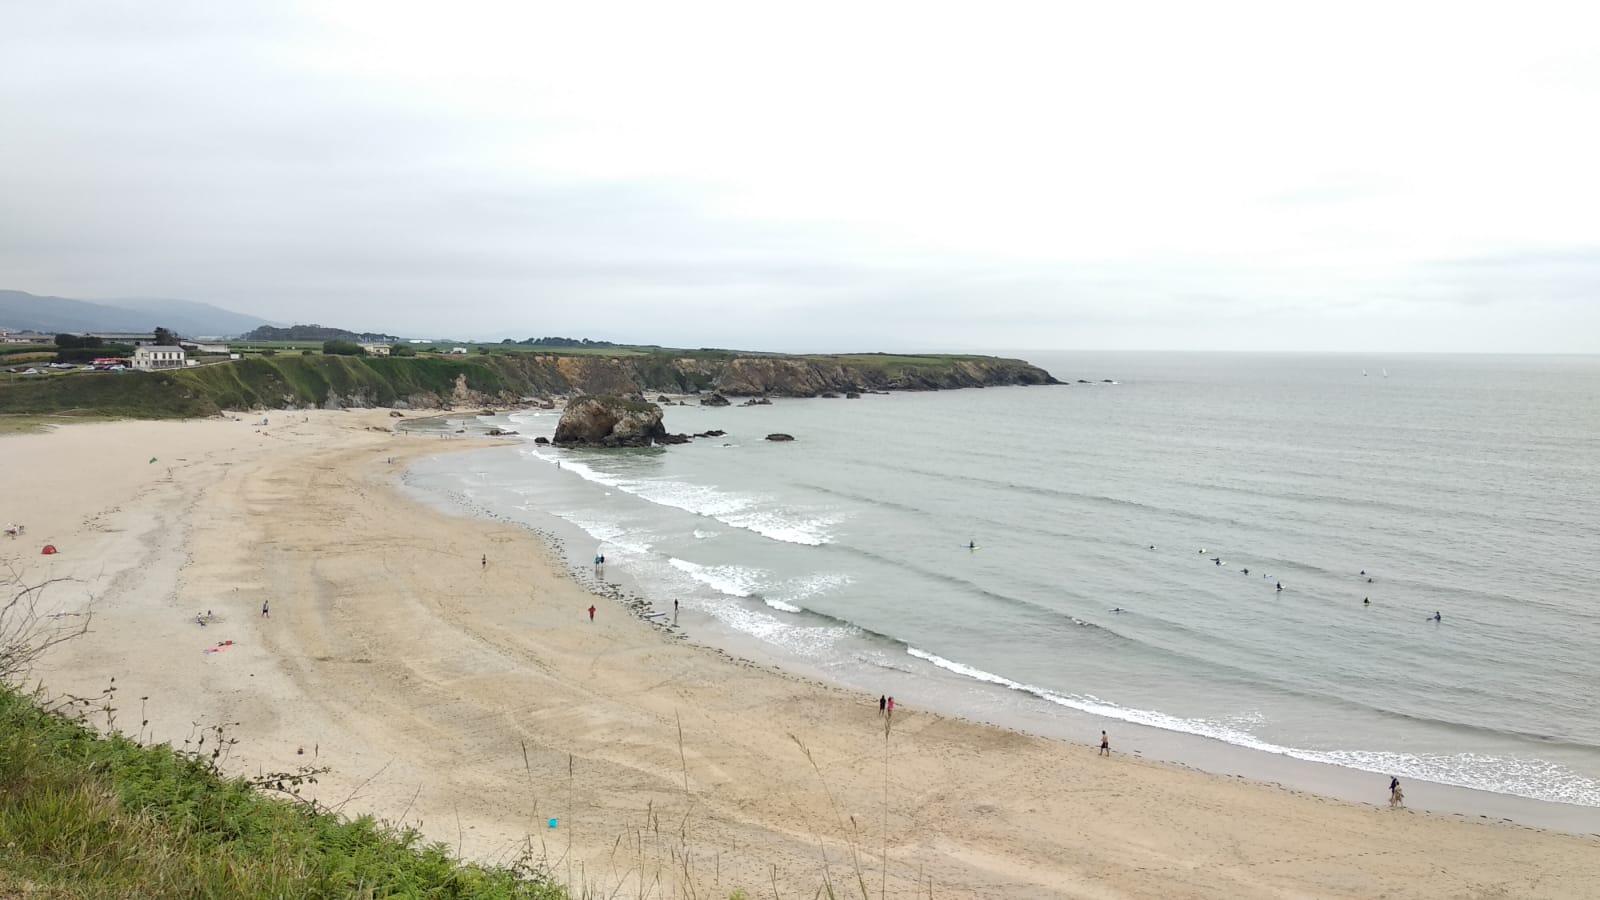 Bando del ayuntamiento de Tapia de Casariego sobre el uso de sus playas